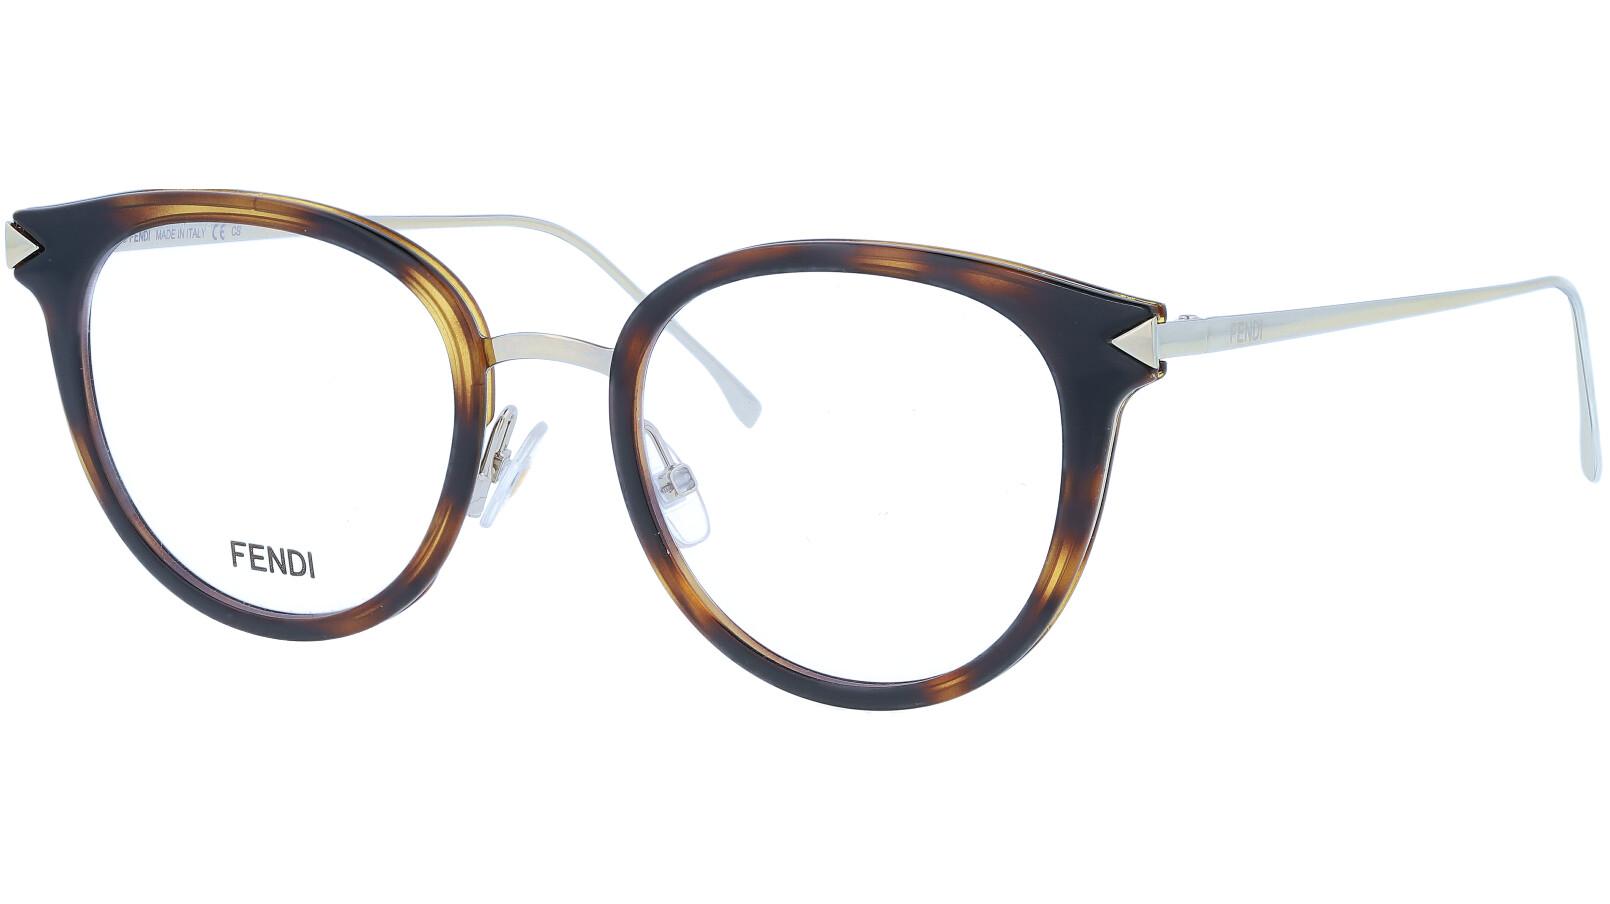 FENDI FF0166 V4Z 48 HAVANA Glasses